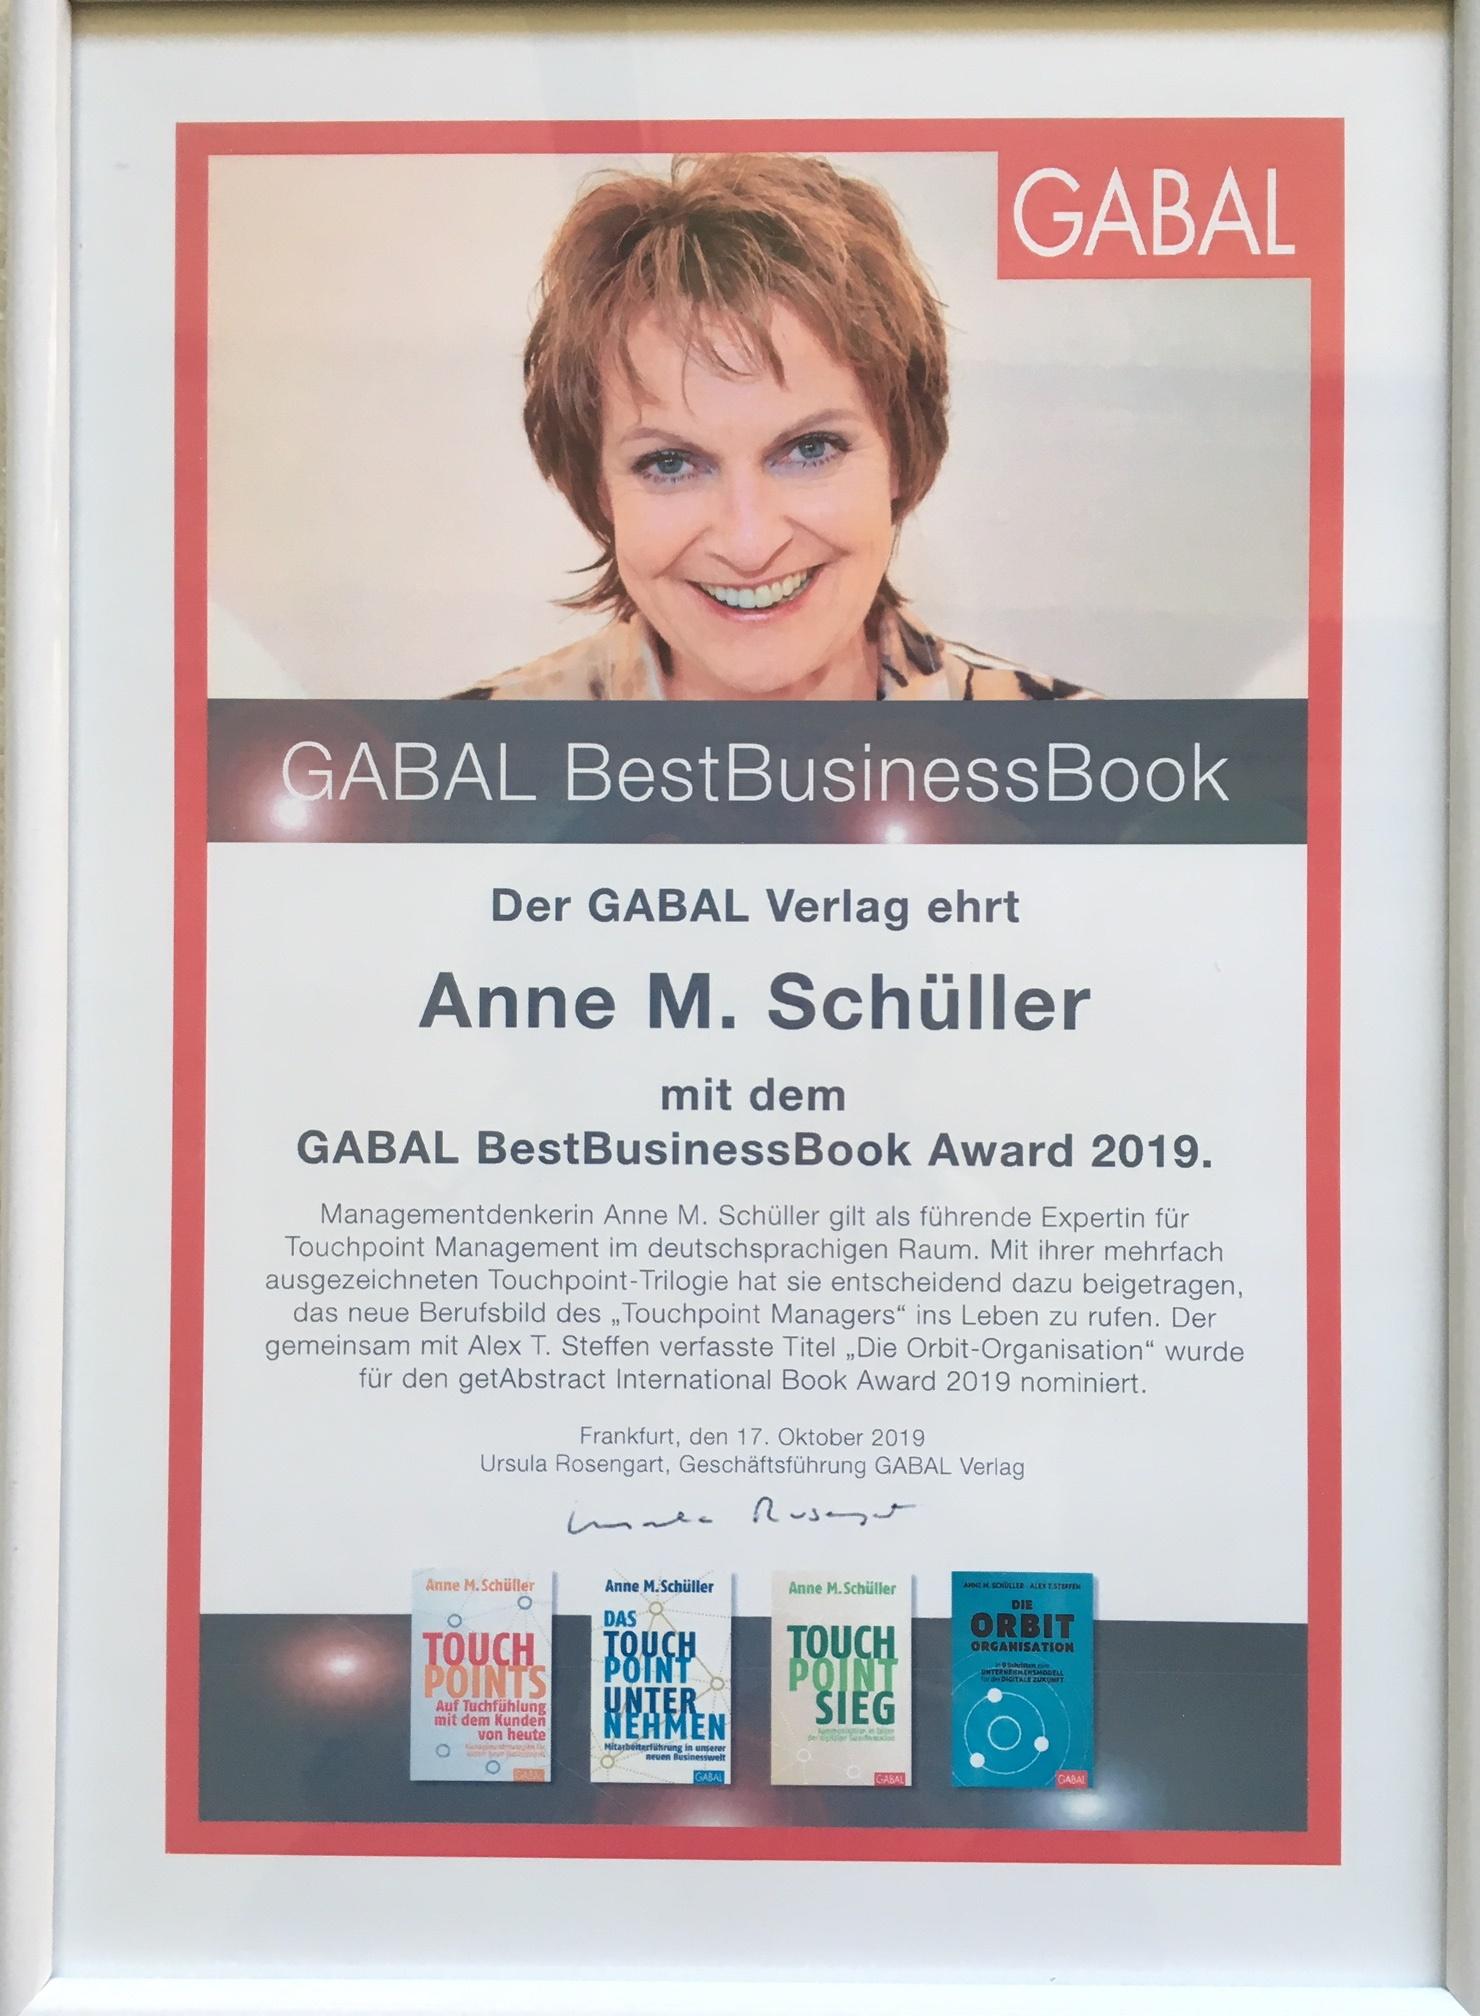 BestBusinessBook Award für Anne M. Schüller